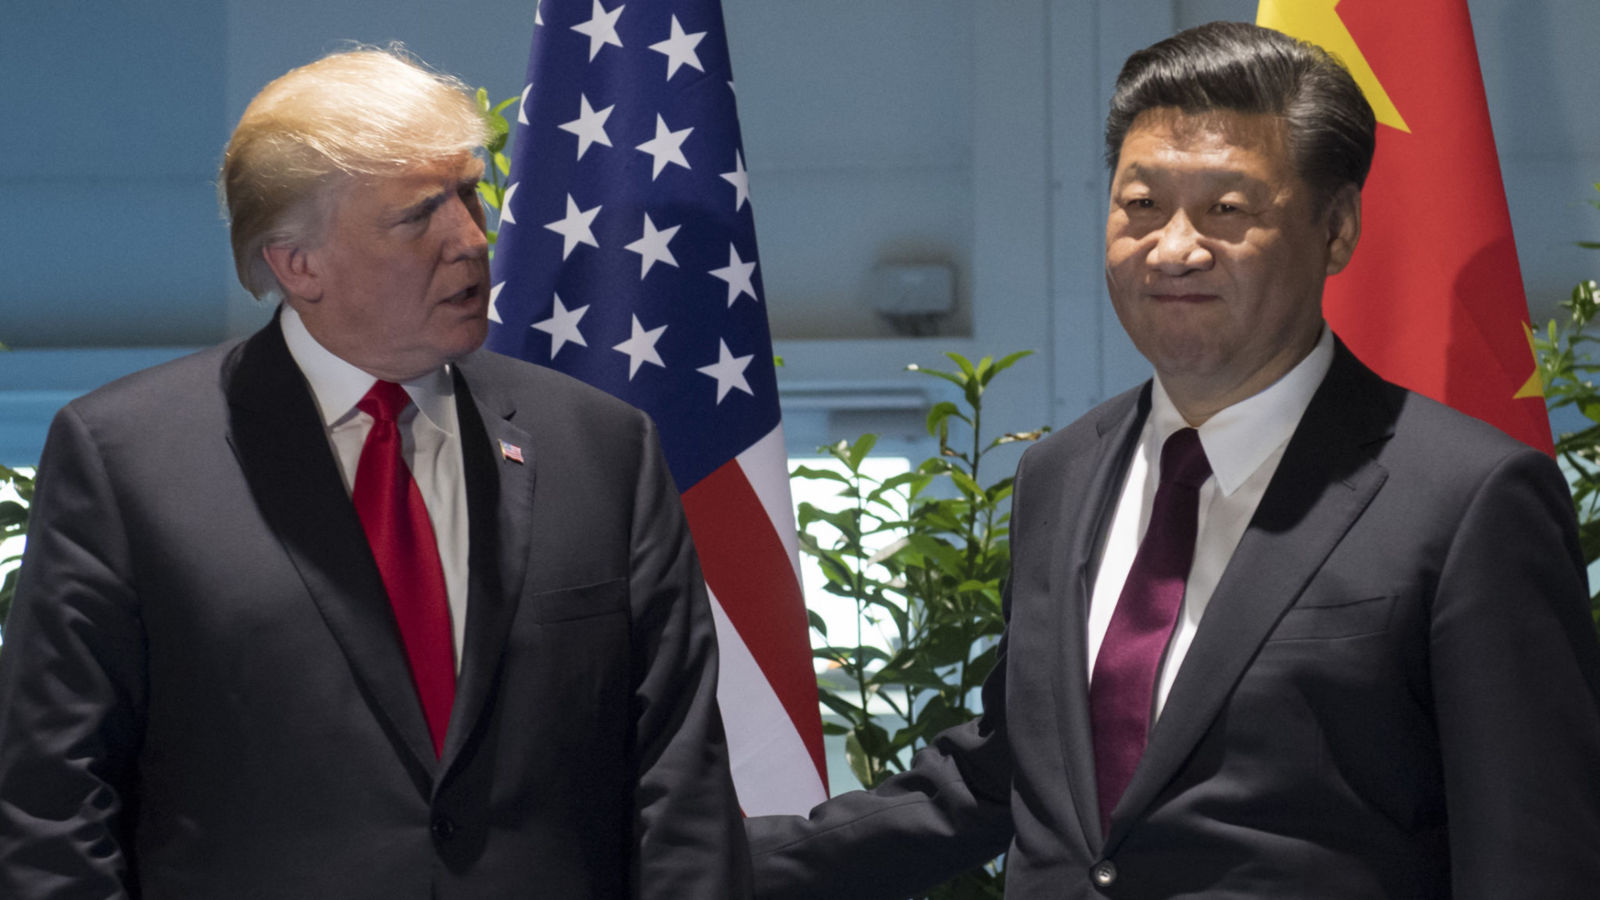 Çin ÜST-ü müdafiə etdi - Trampa ismarış